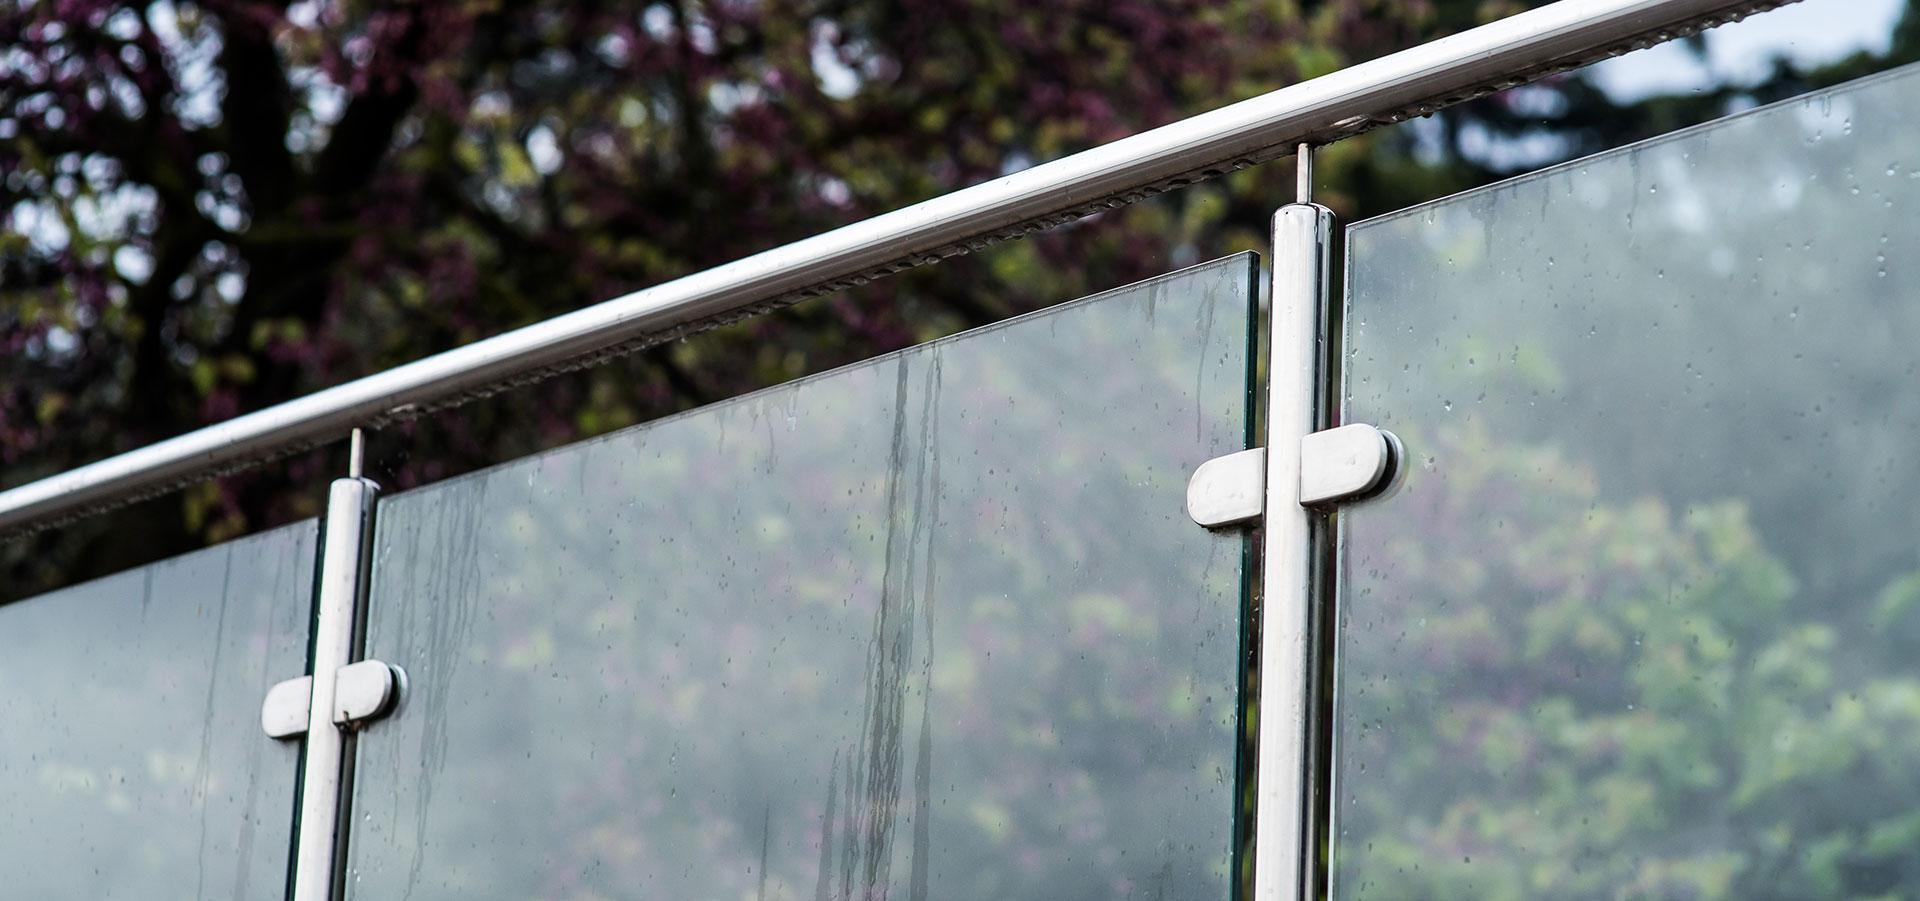 Trekk naturen og lyset inn på terrassen med glassrekkverk